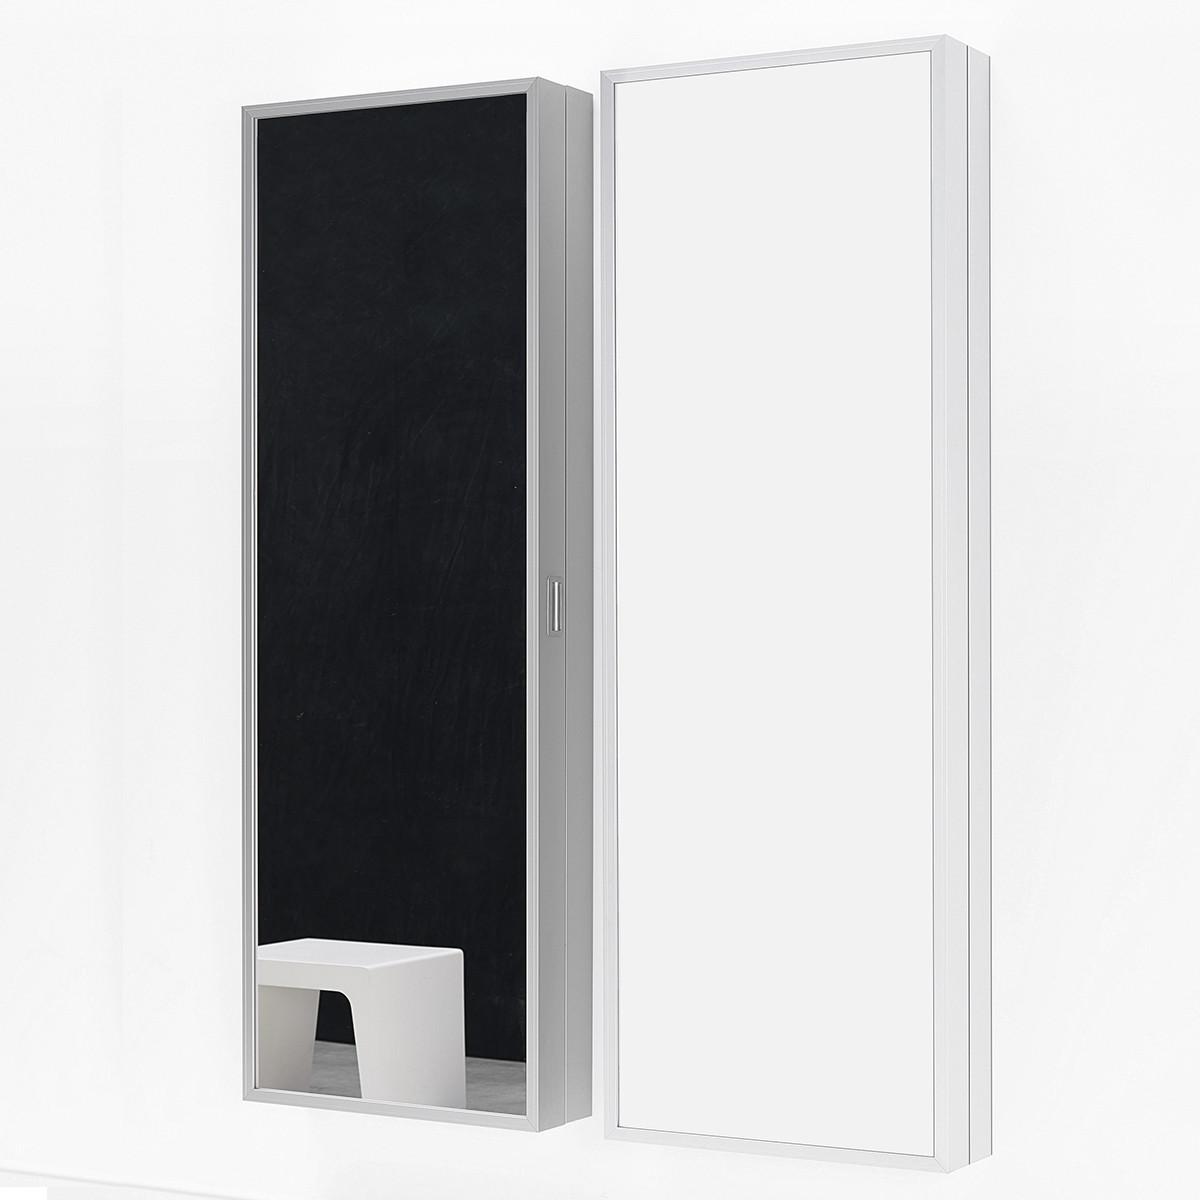 Kristalia foot box schuhschrank spiegel casa de for Spiegel schuhschrank